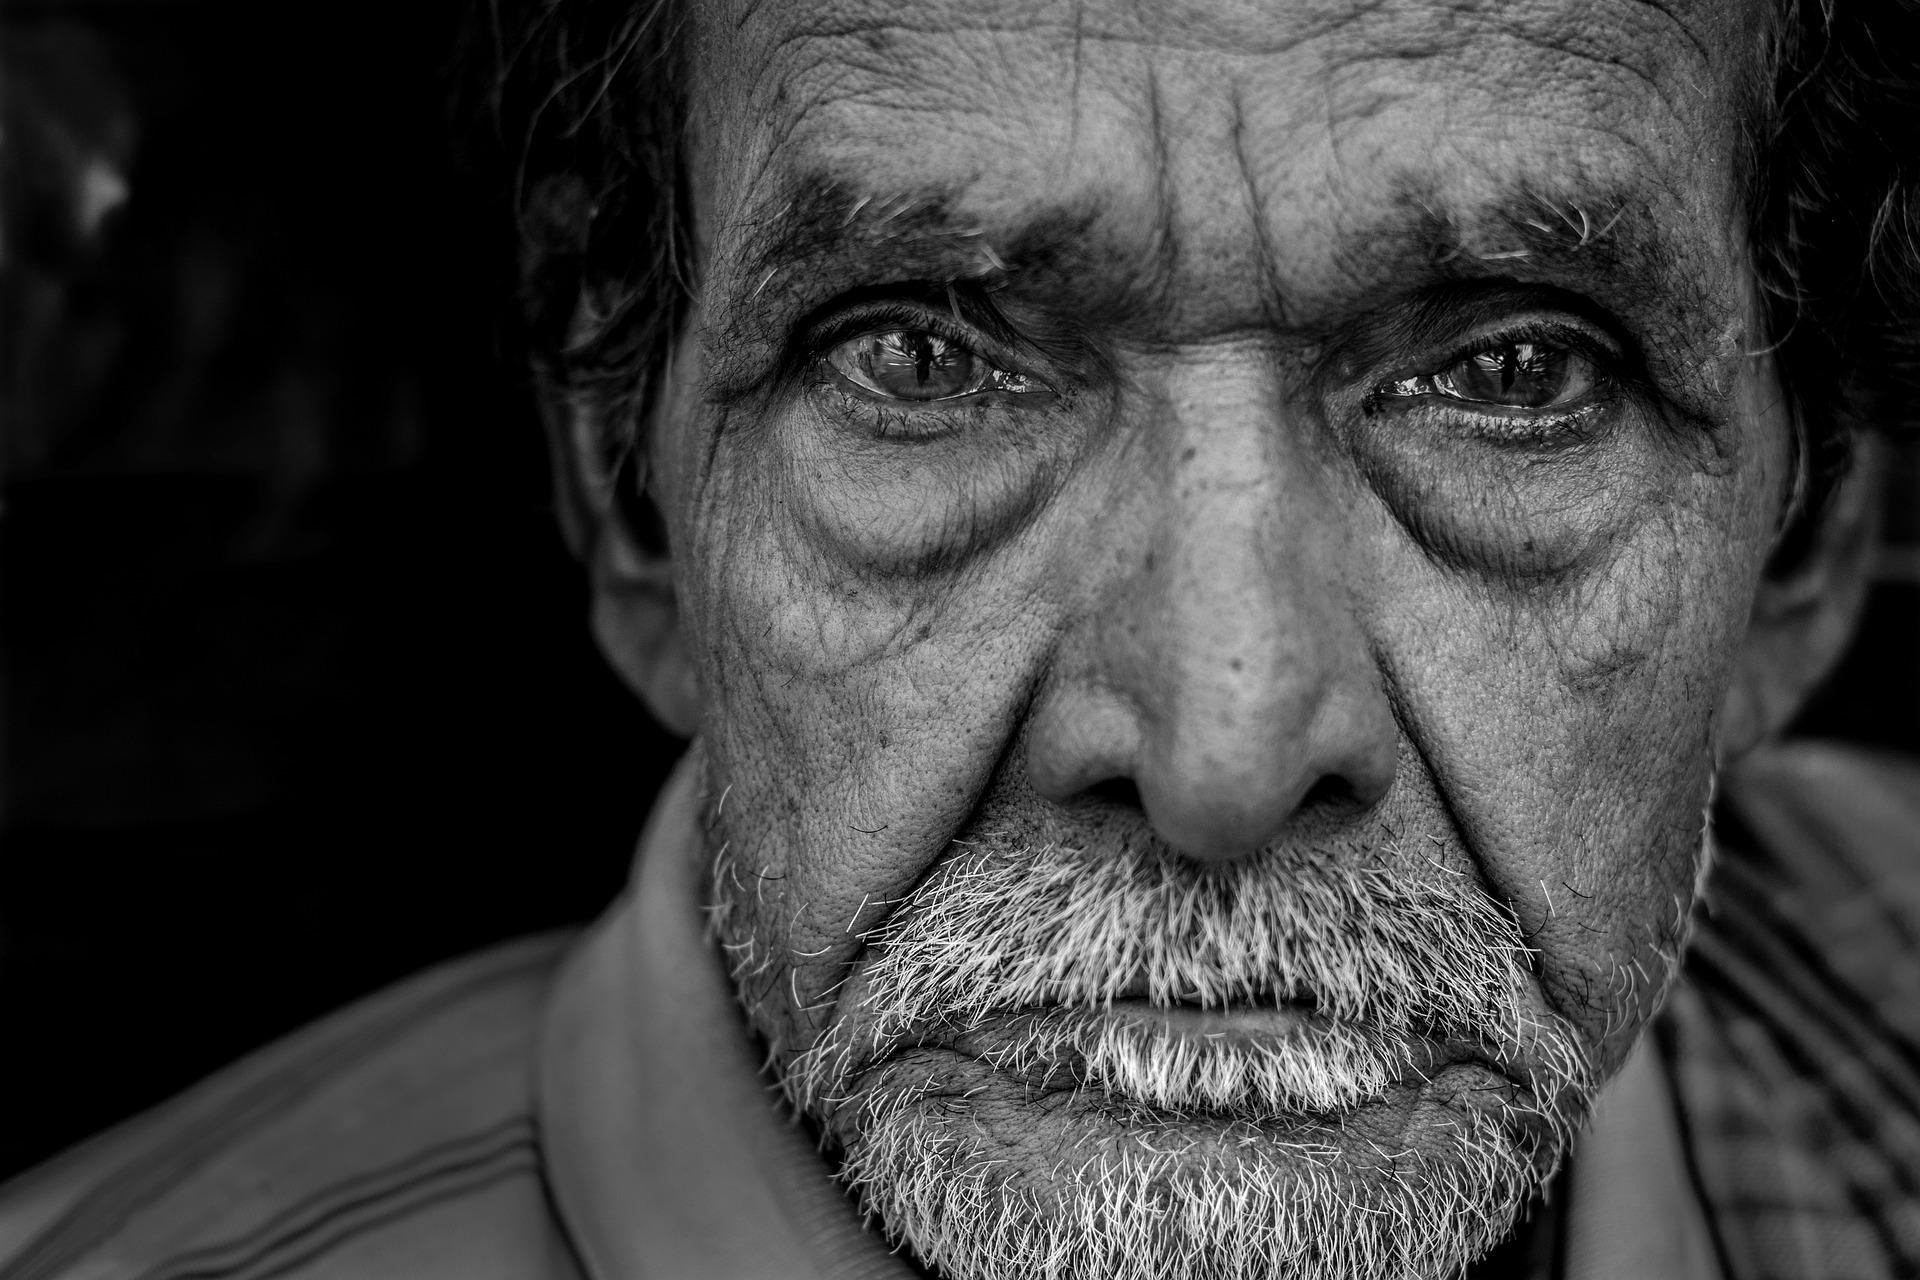 El Alzheimer su evolución y nuevos estudios